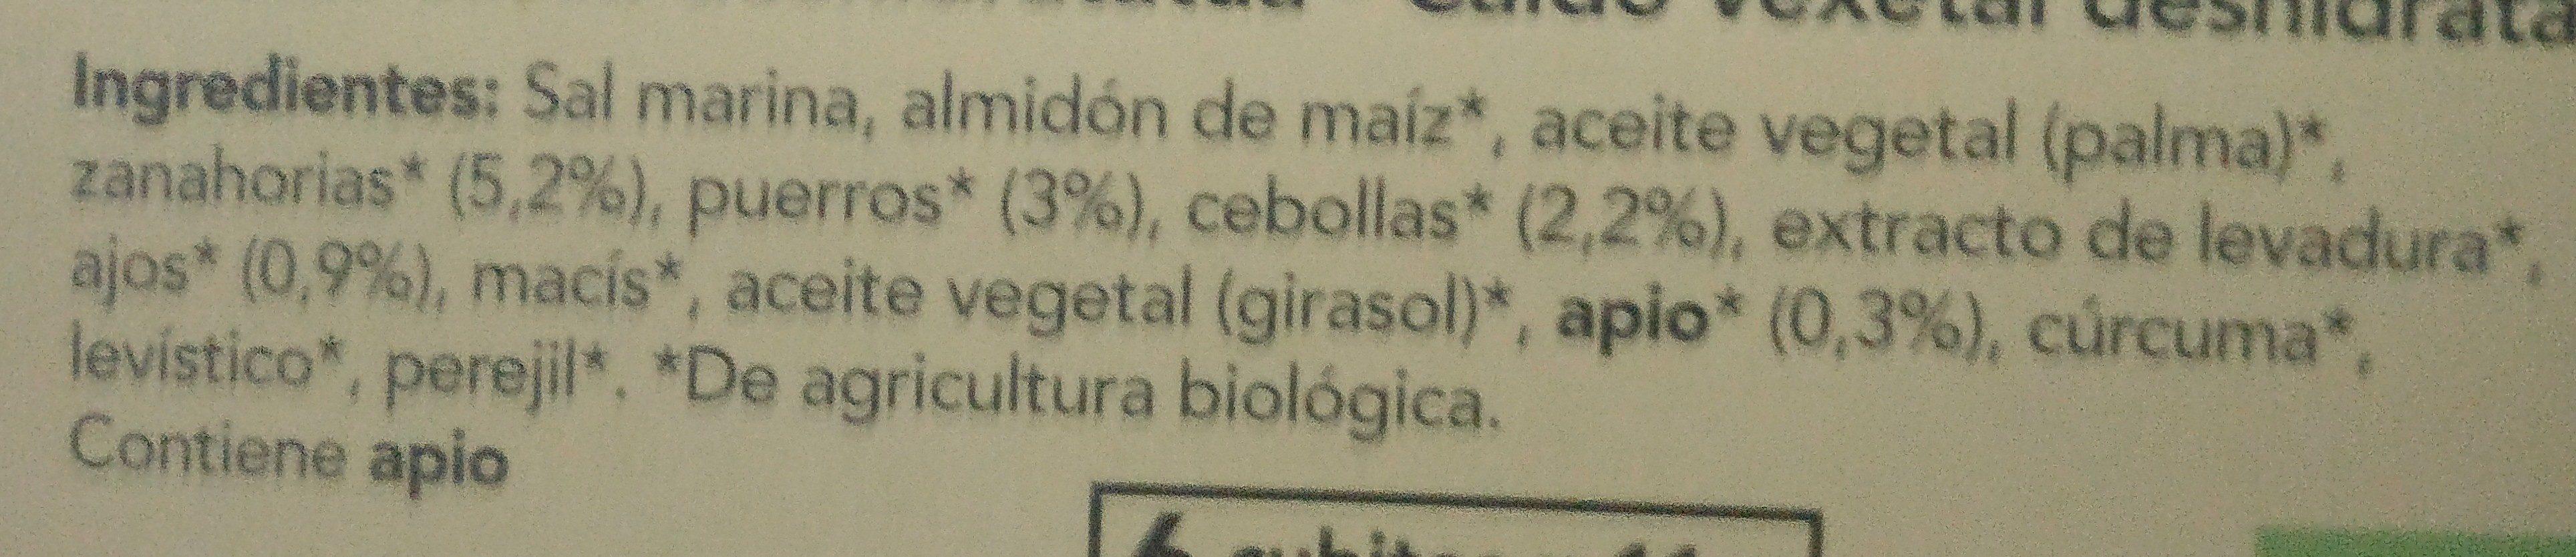 Caldo vegetal - Ingredients